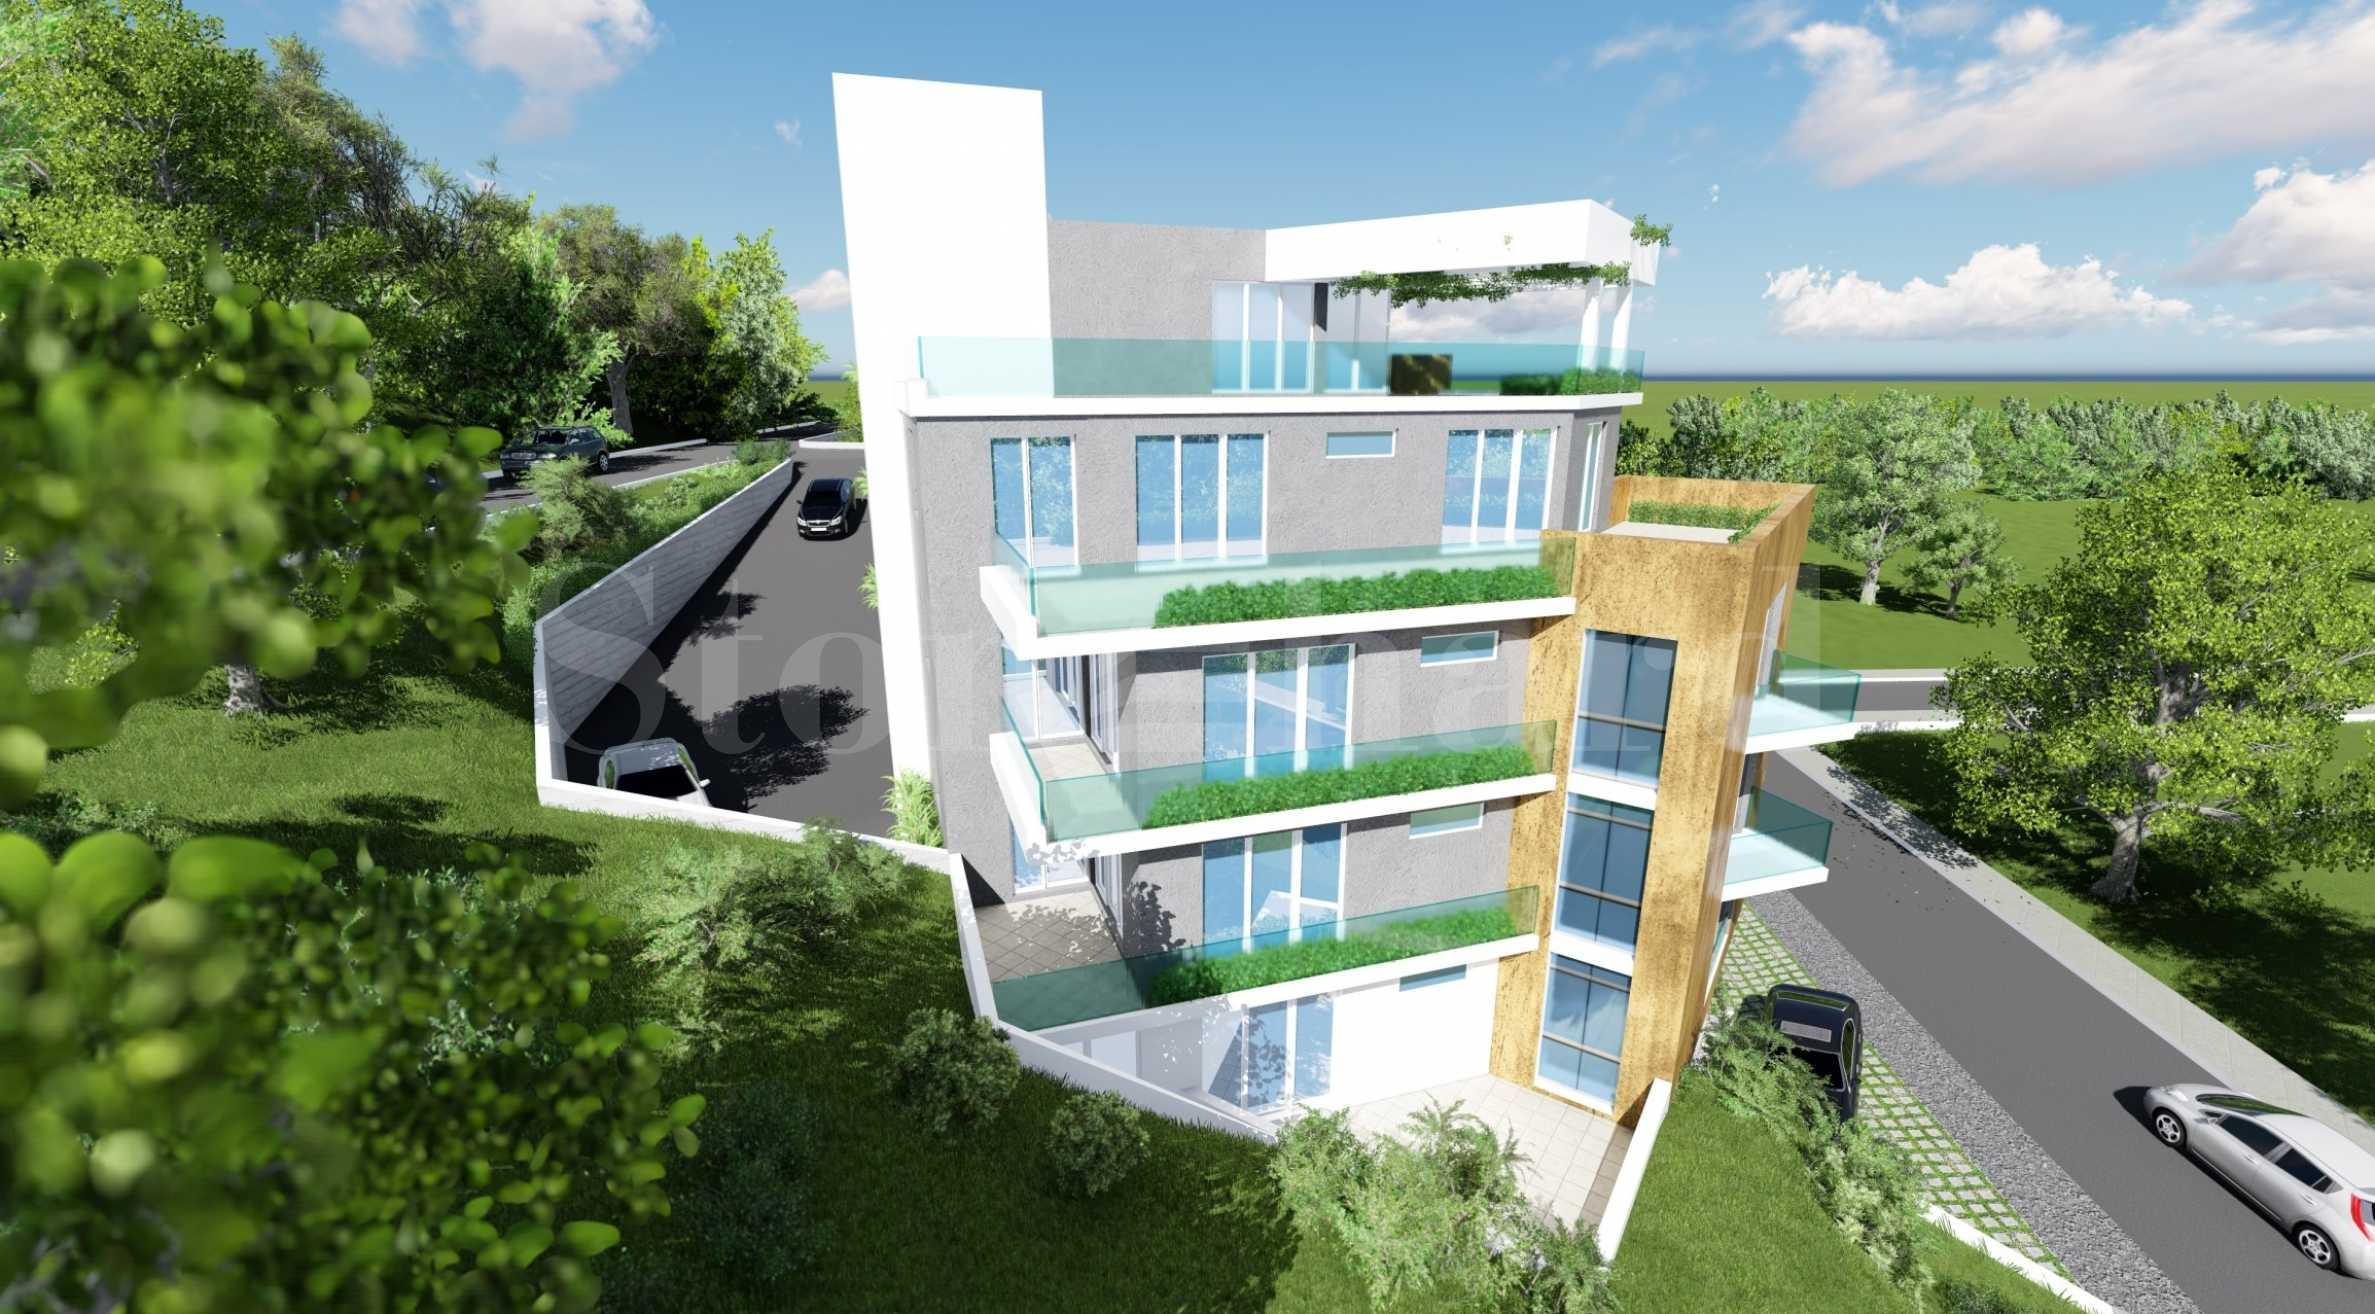 Новострояща се жилищна сграда в кв. Виница2 - Stonehard